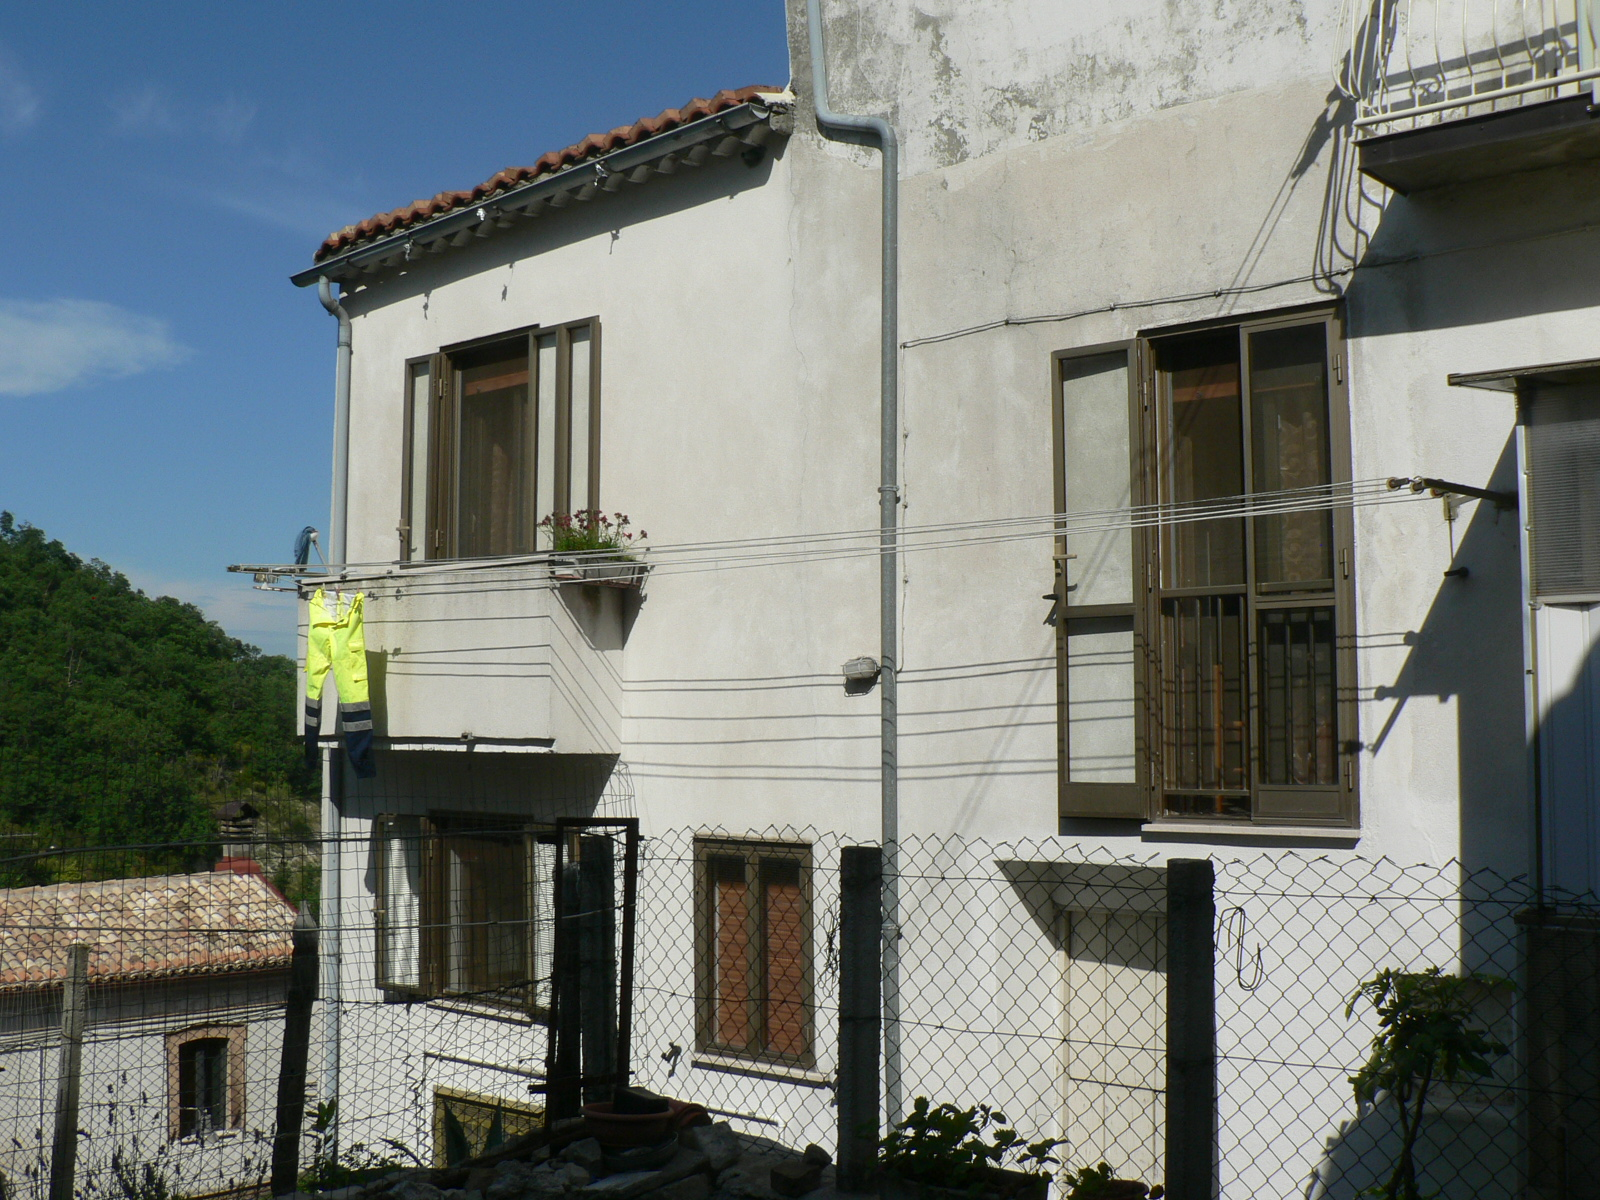 rif 1072 San Buono (CH) – Porzione di abitazione € 55000